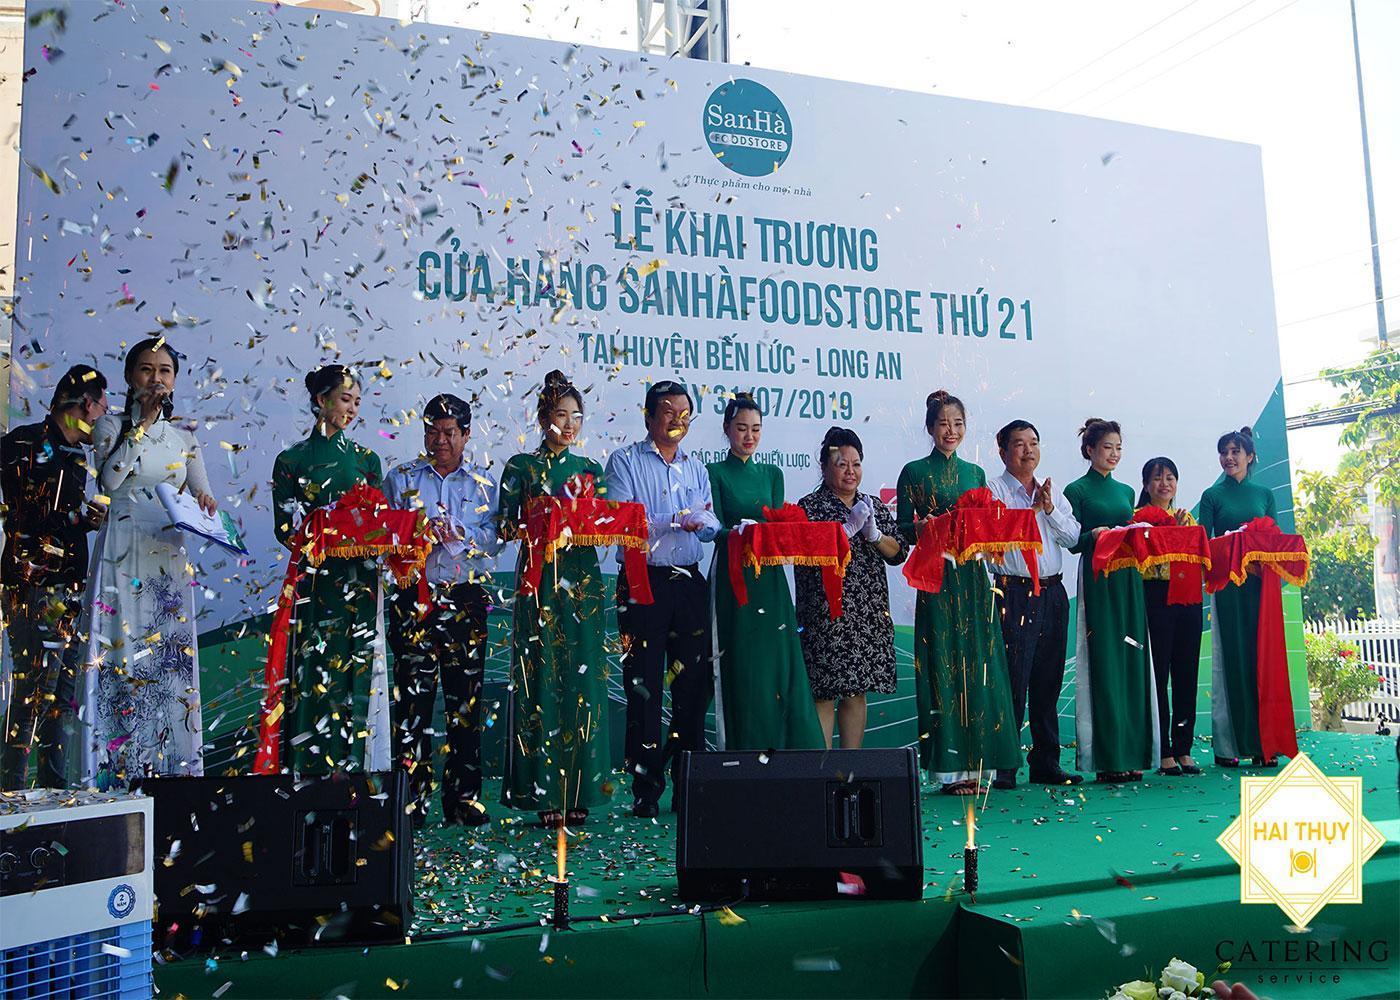 Tổ chức tiệc khai trương cửa hàng thứ 21 San Hà Food tại Bến Lức - Long An